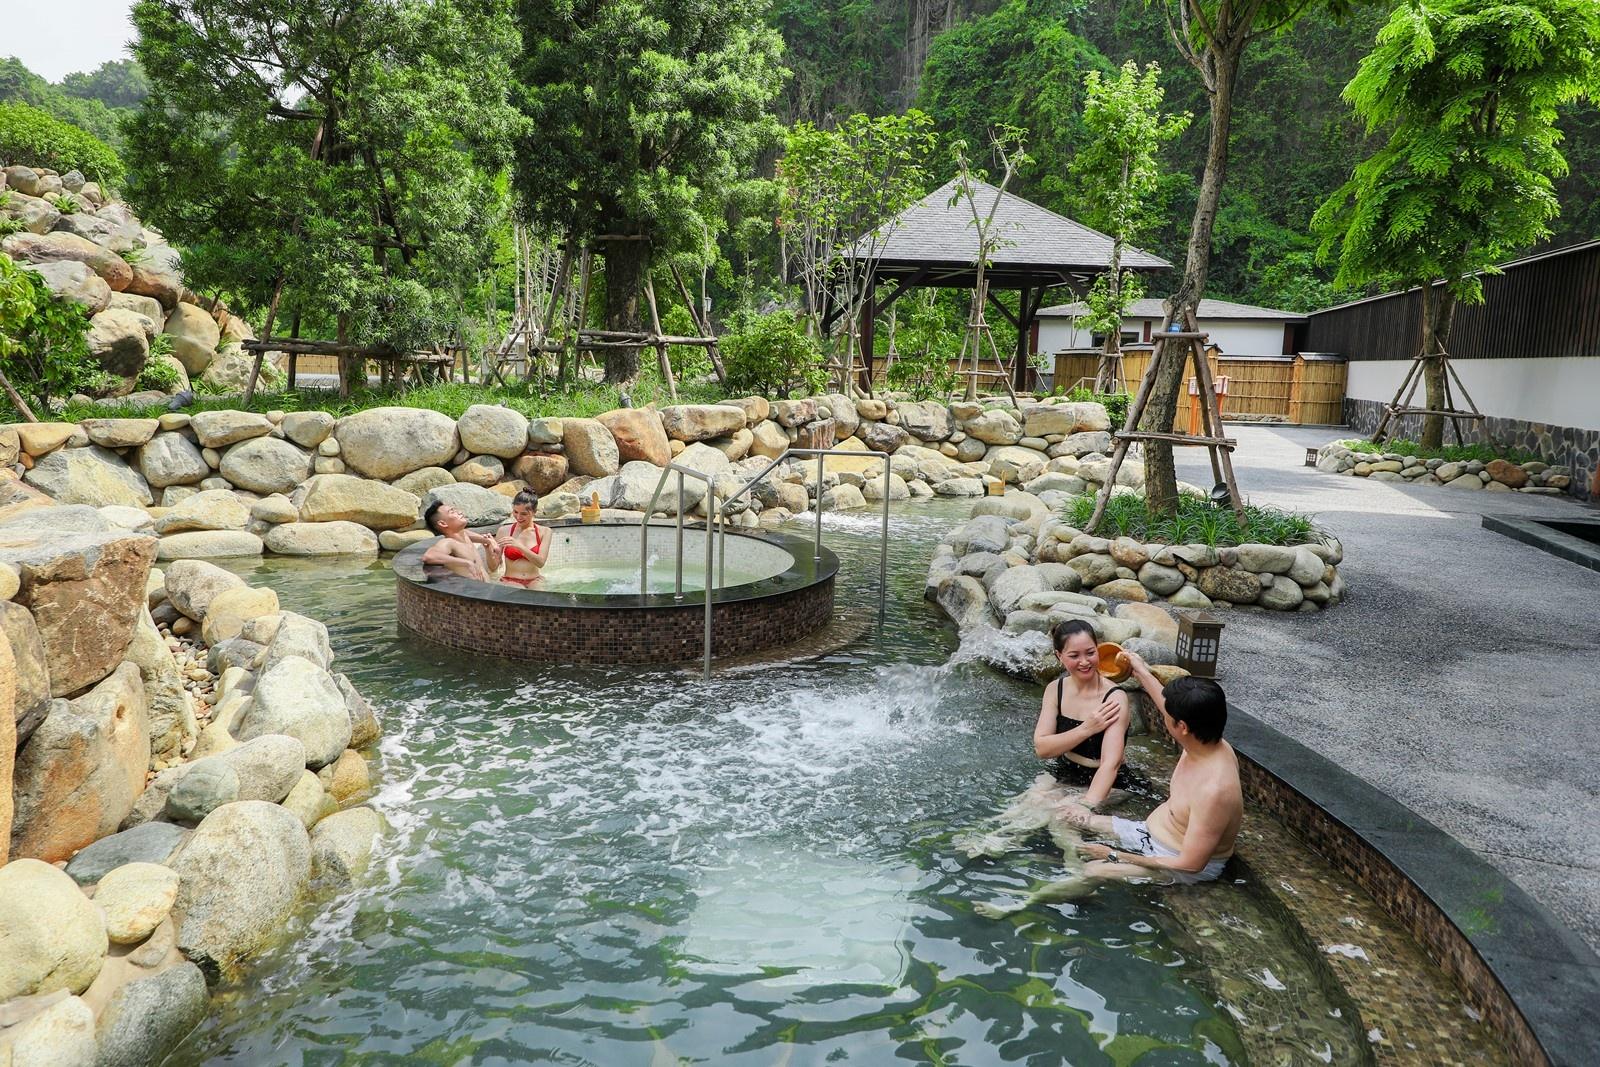 Suối khoáng nóng Quang Hanh - tâm điểm nghỉ dưỡng phía Bắc của giới thượng lưu 5